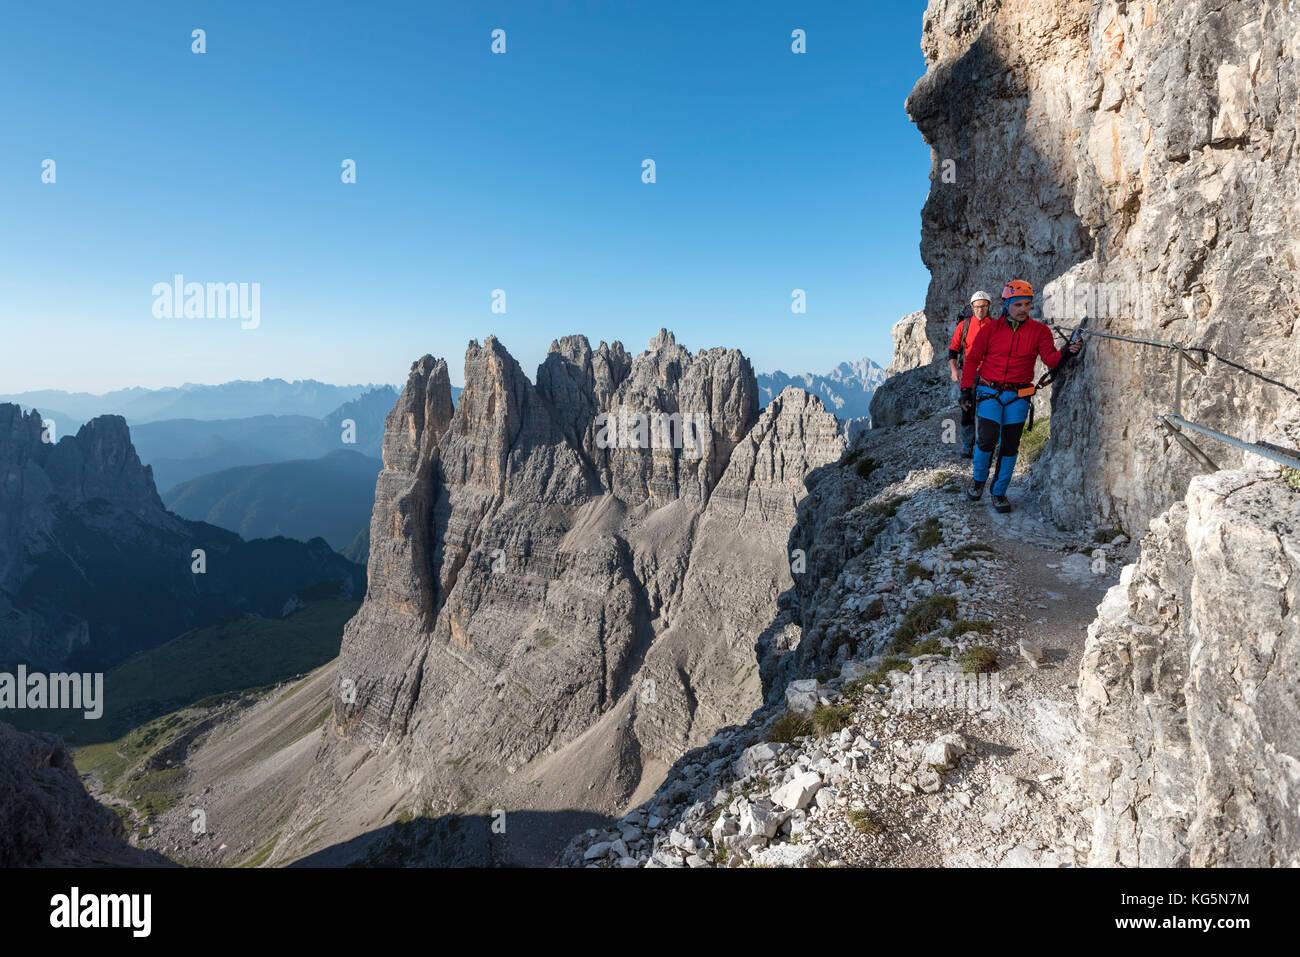 Klettersteig De : Klettersteig de la bastille